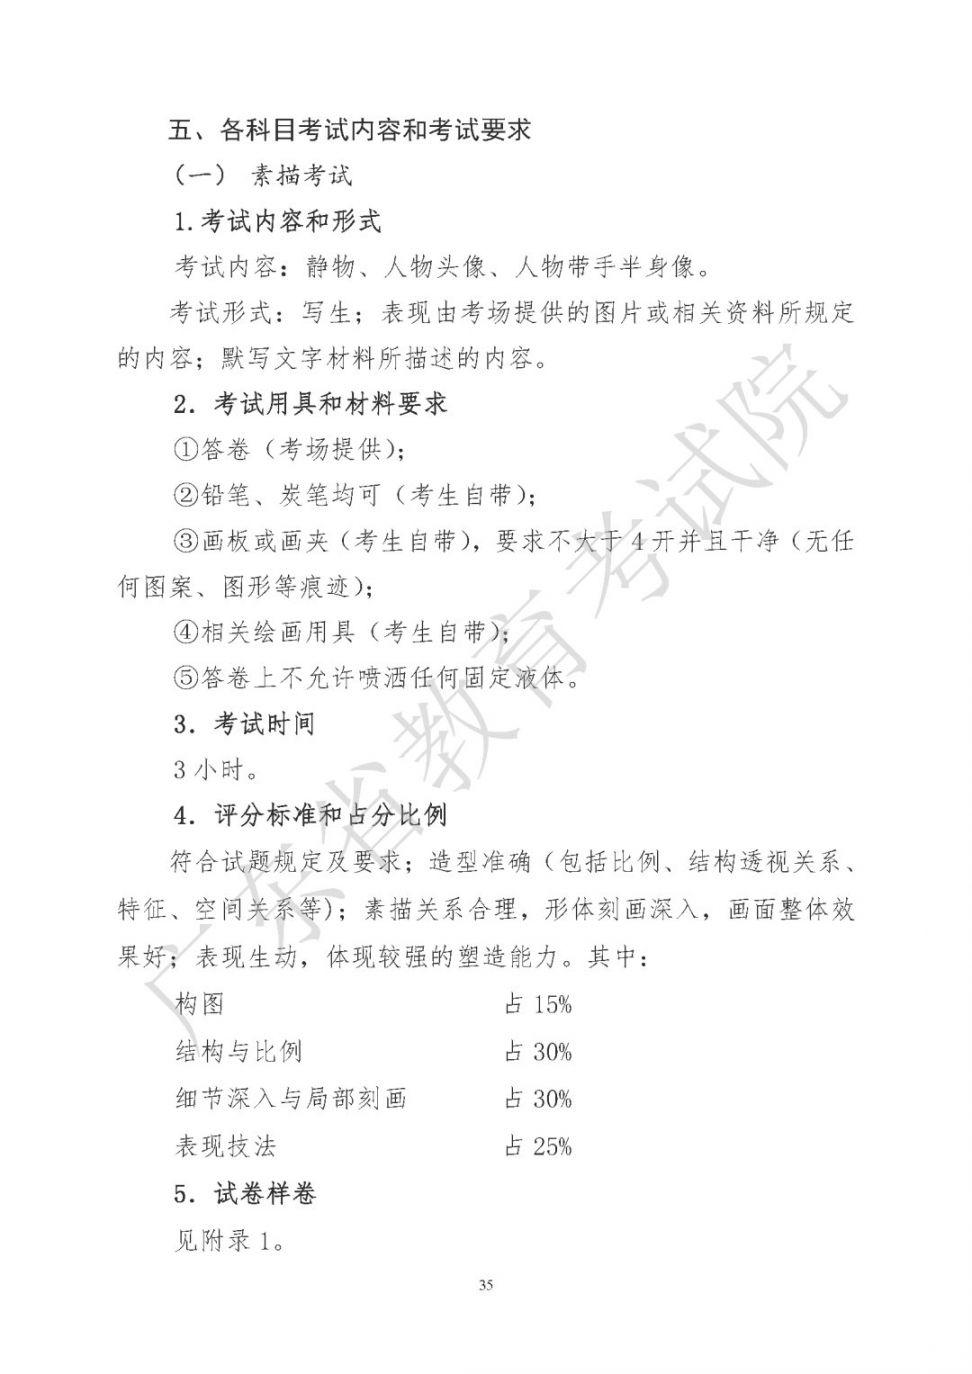 2021年广东省高考美术术科考试说明(含样卷)